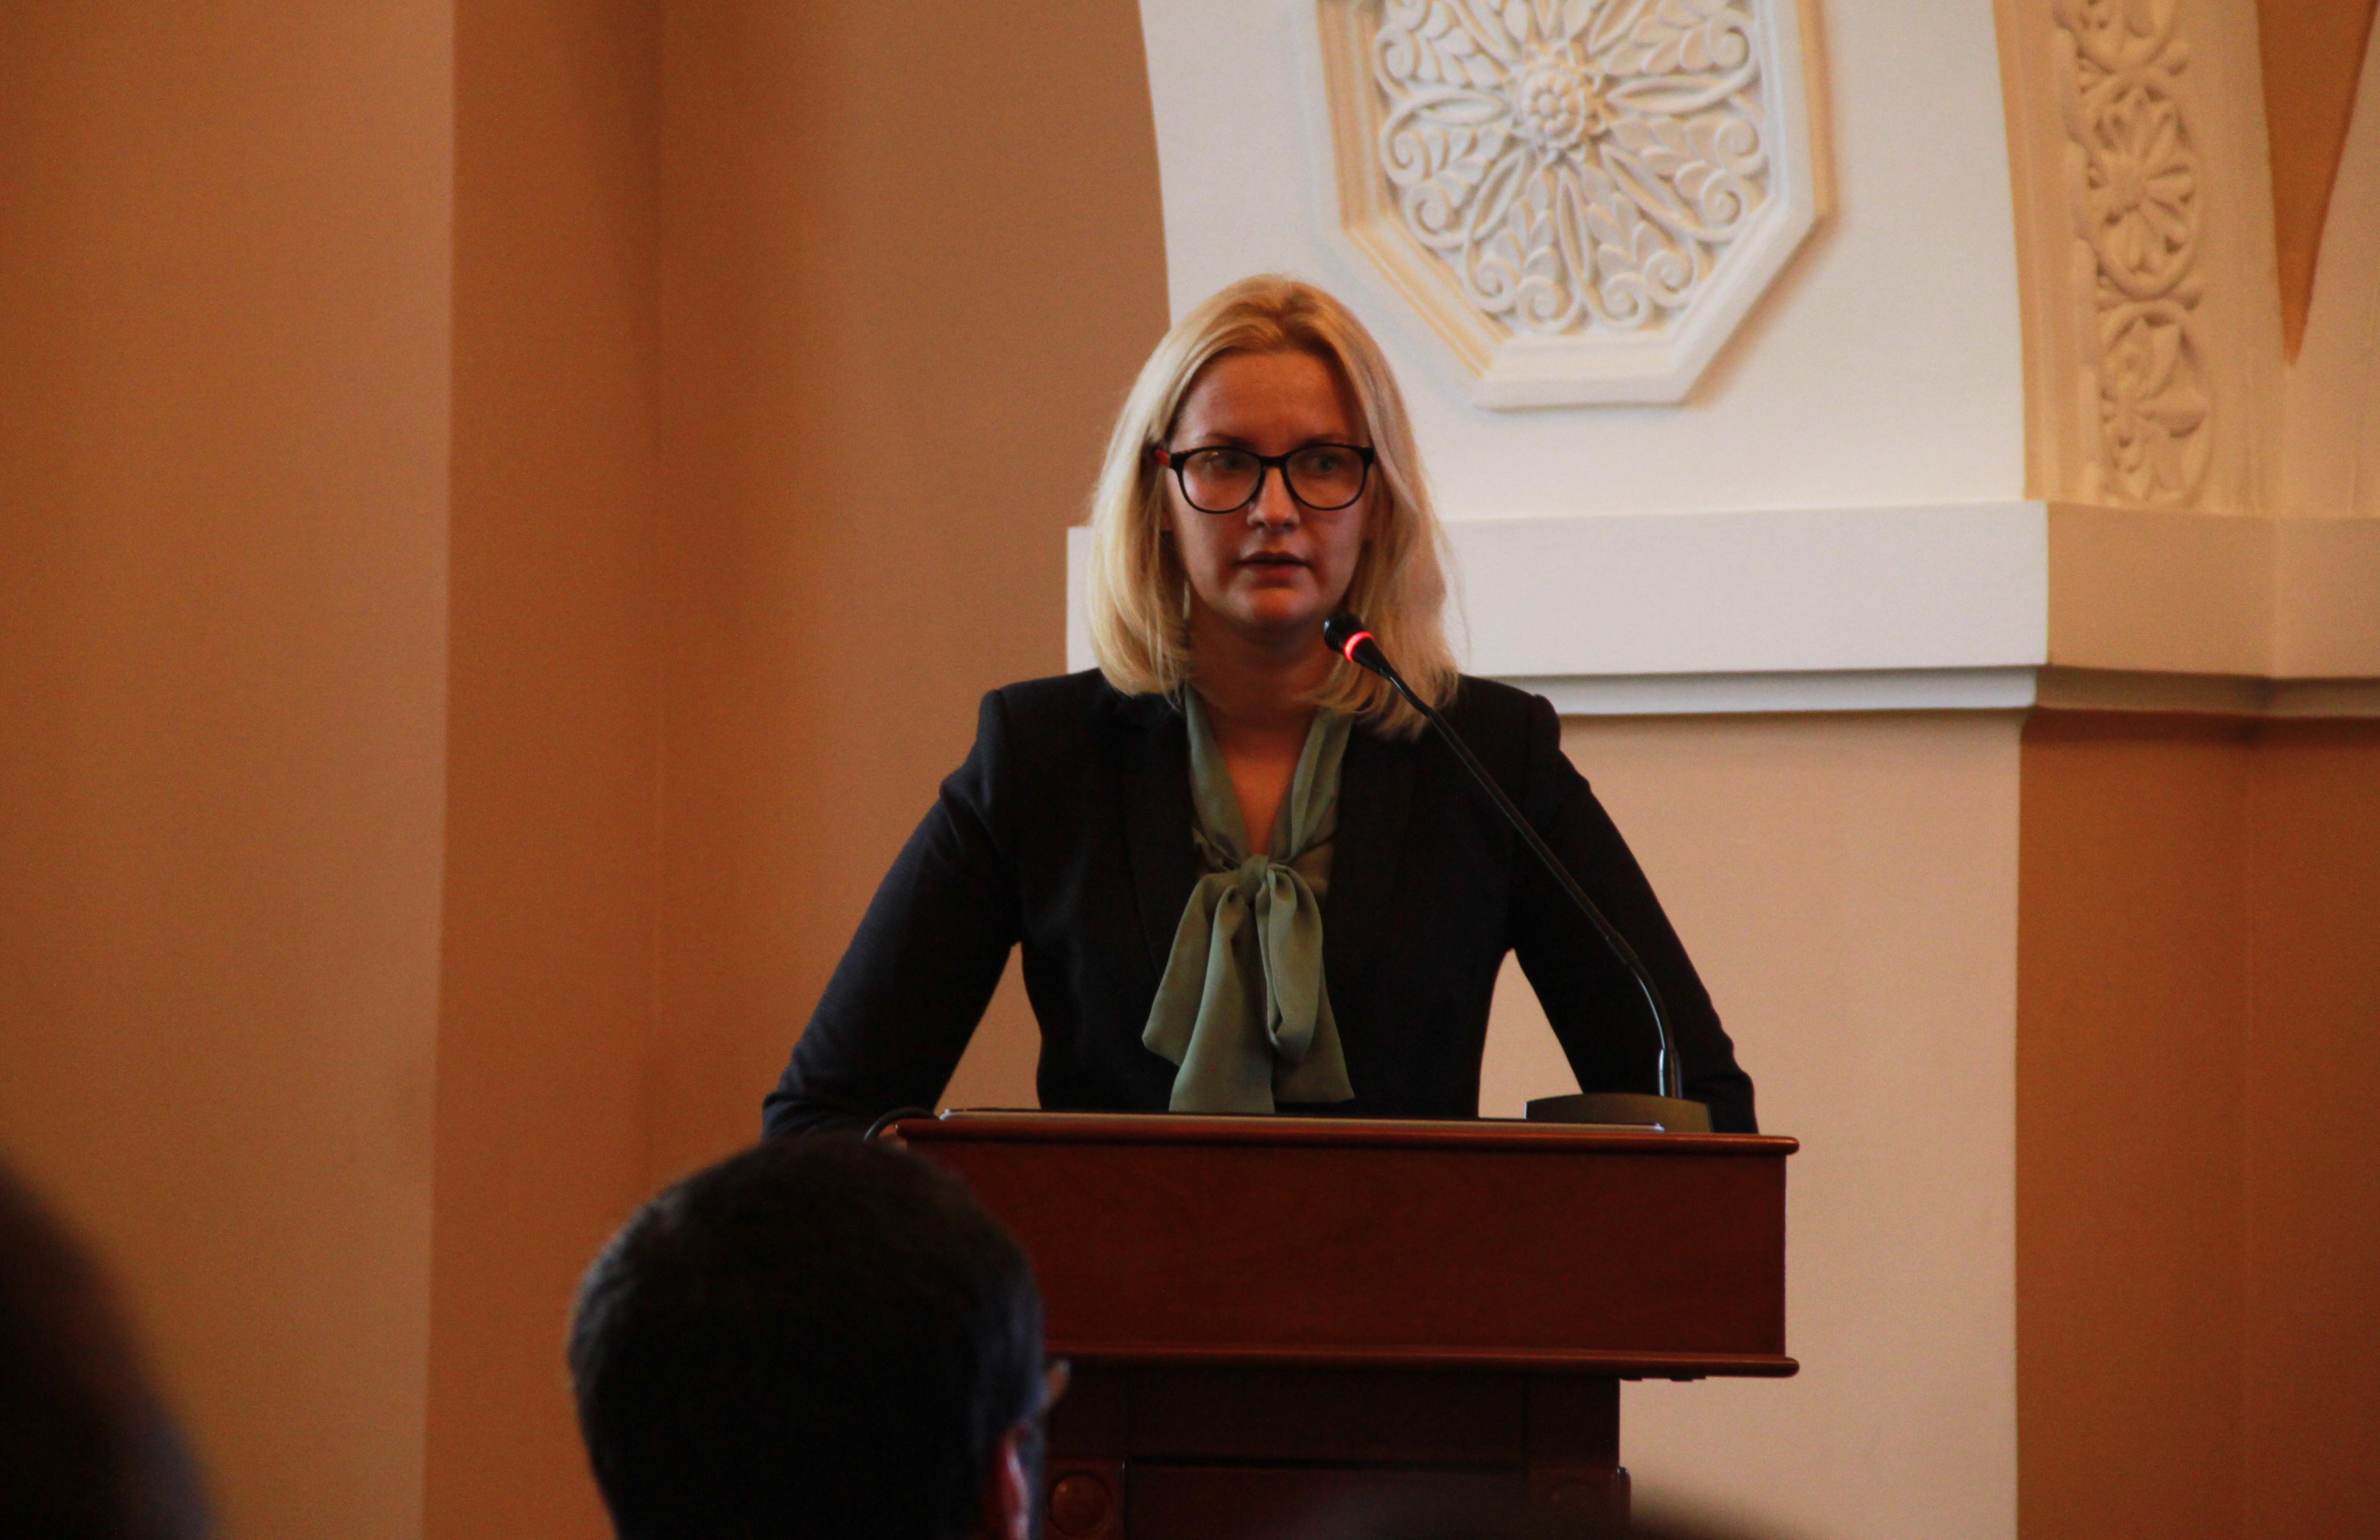 Վիկտորյա Ռոմանյուկը` Թվապատում 2016 կոնֆերանսին